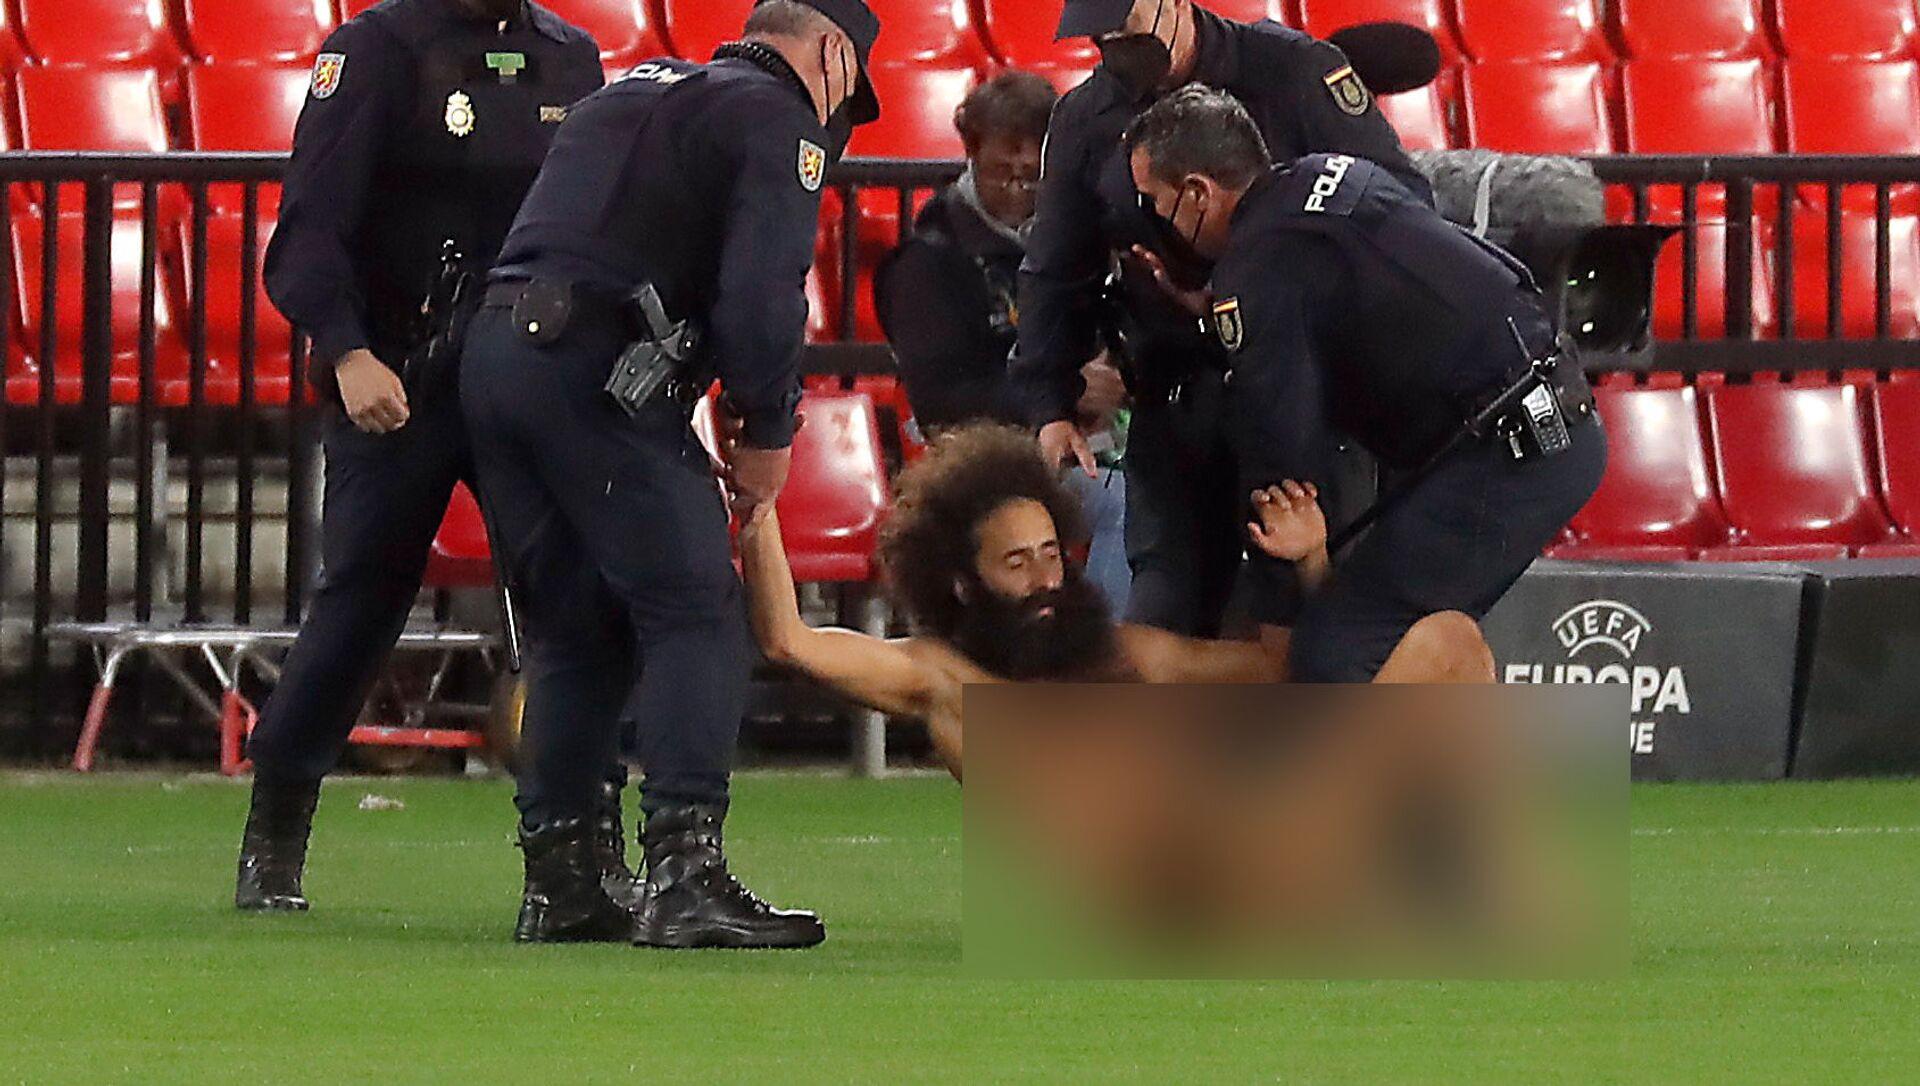 ハプニング! サッカーの欧州リーグの試合中に、全裸のファンがピッチに乱入 - Sputnik 日本, 1920, 09.04.2021